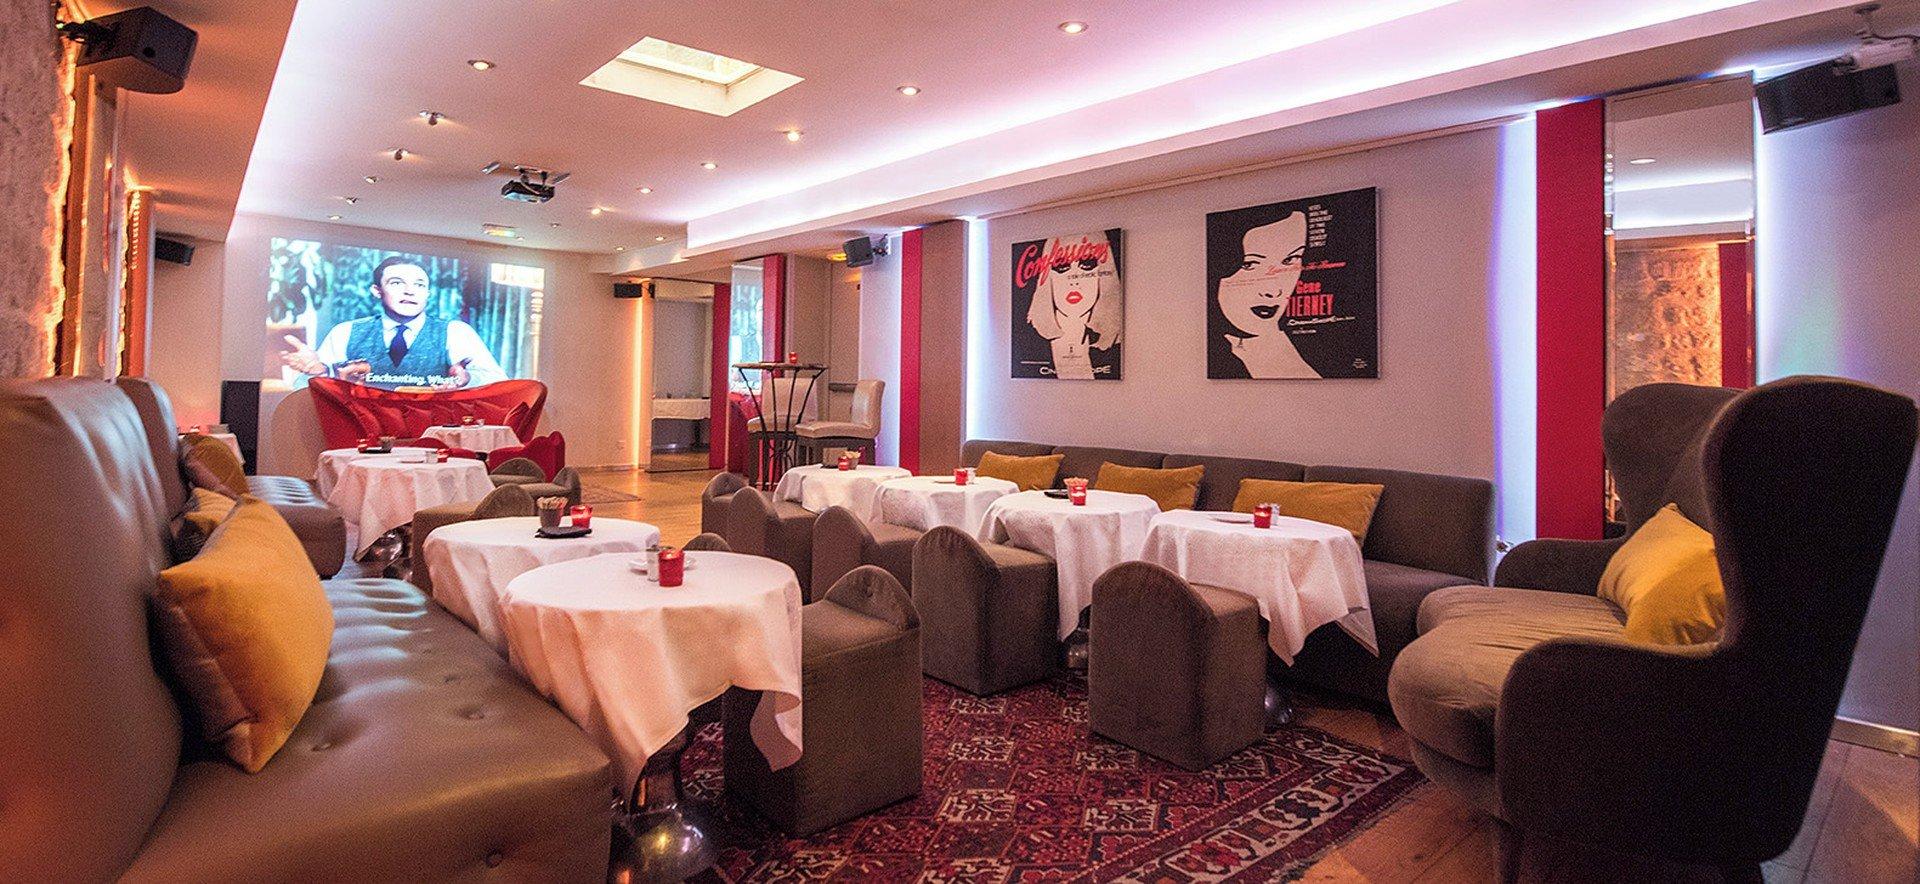 Paris corporate event venues Party room Le Patio - Le Salon Lounge image 0